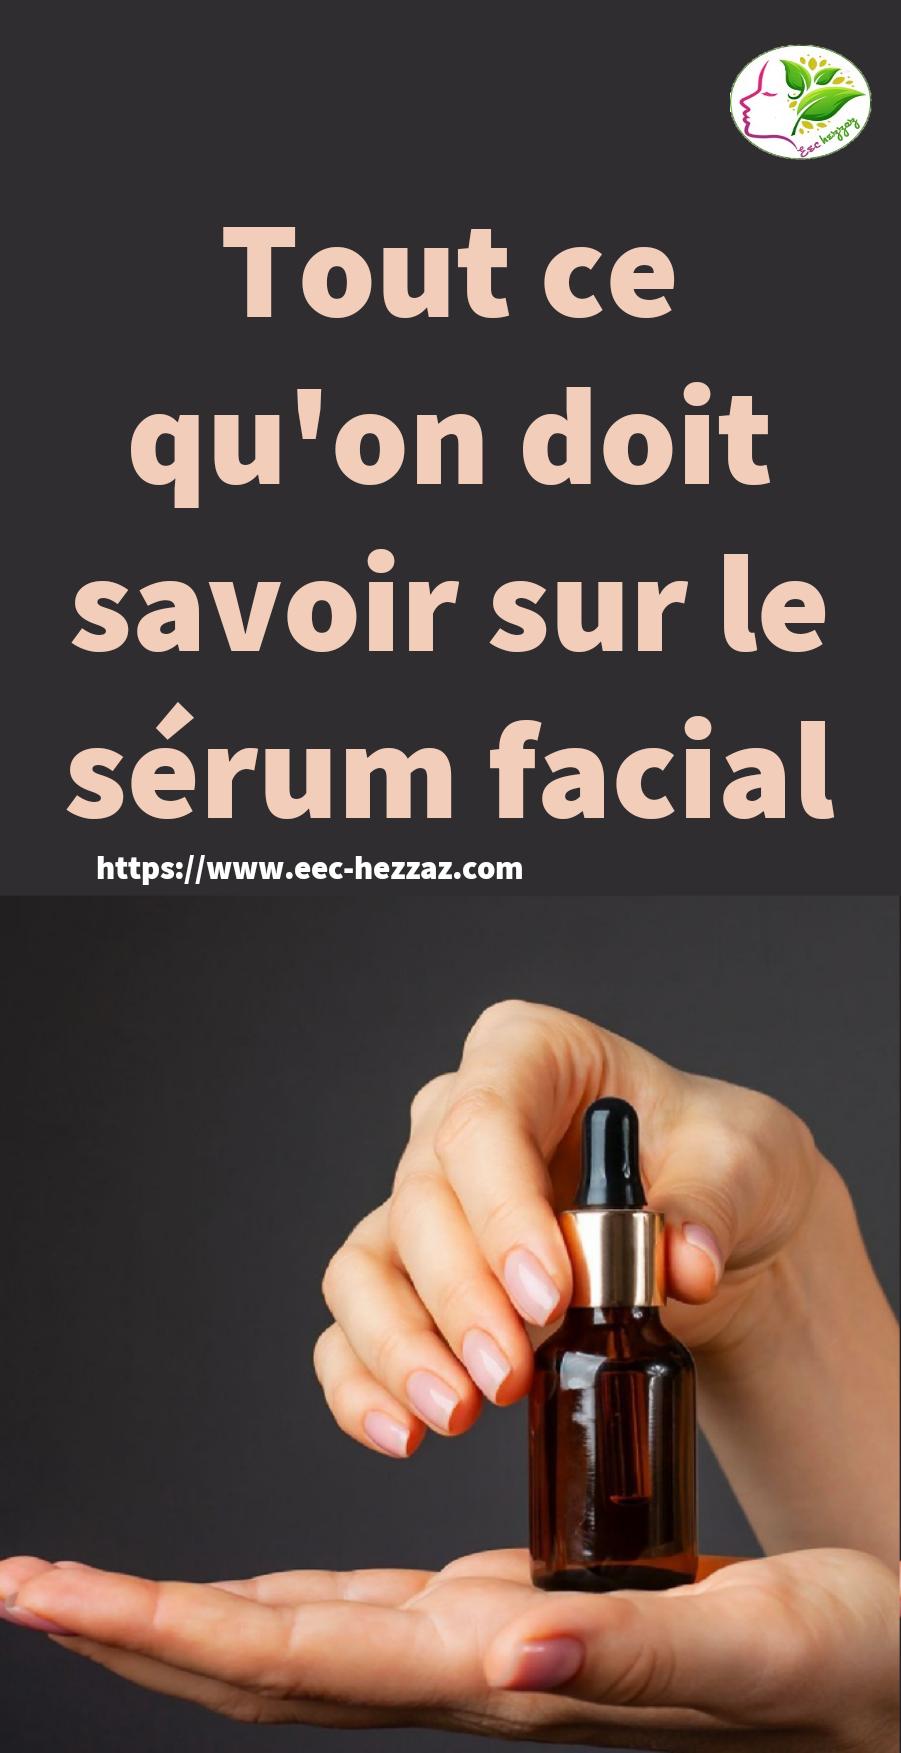 Tout ce qu'on doit savoir sur le sérum facial